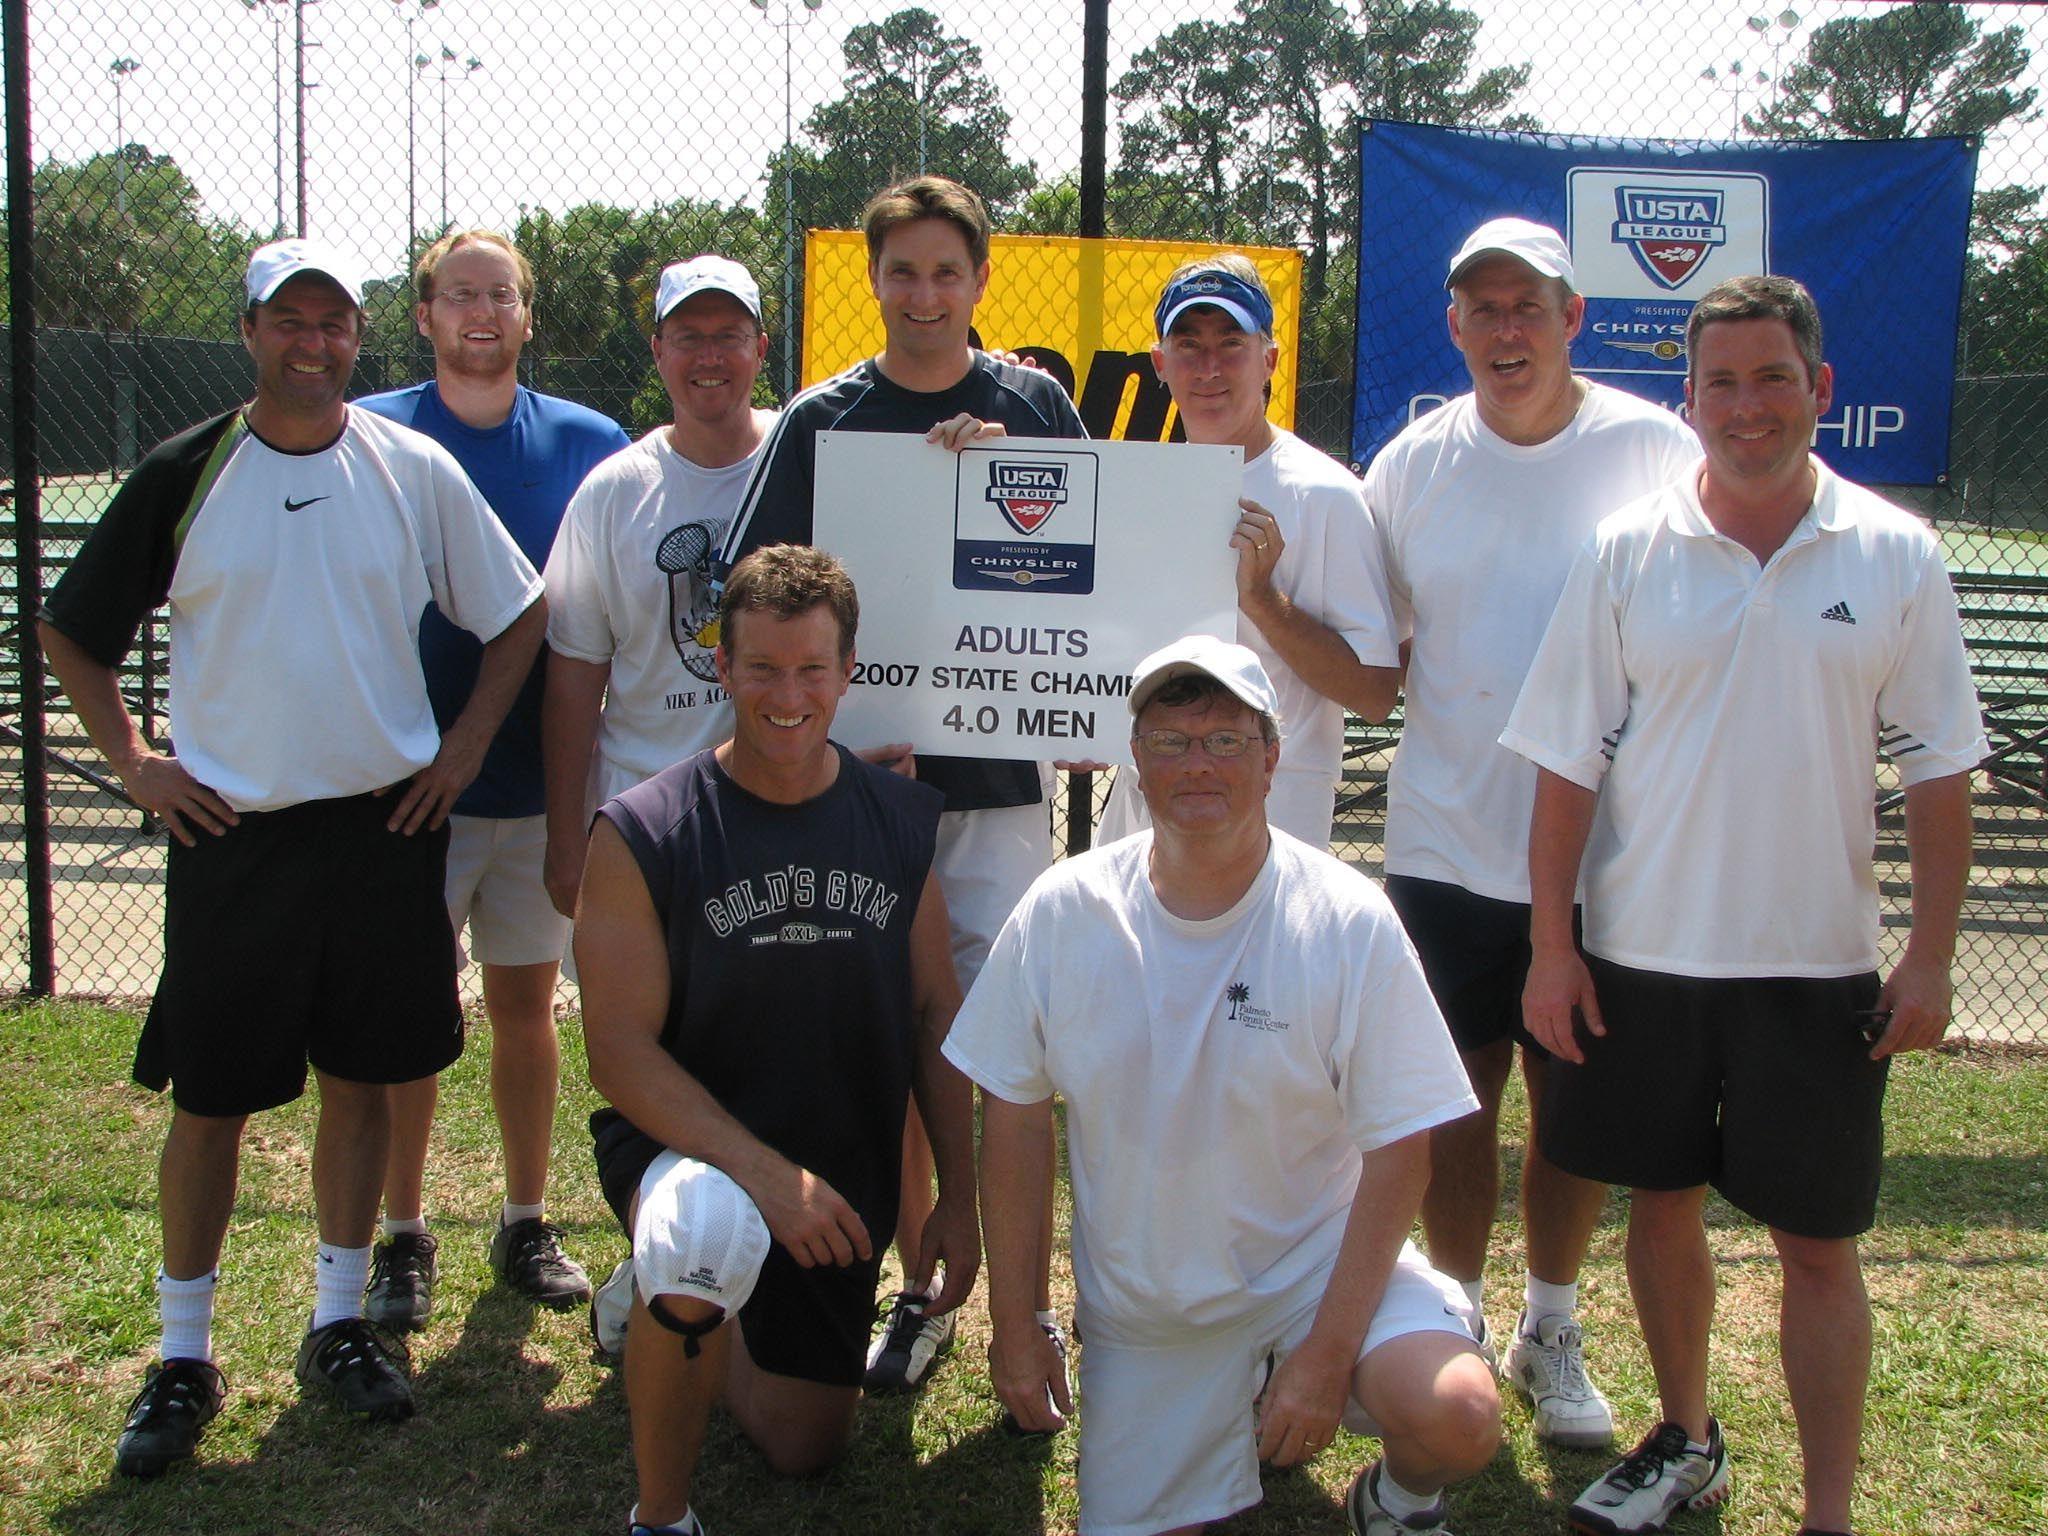 2007 4.0 Adult Men Champs